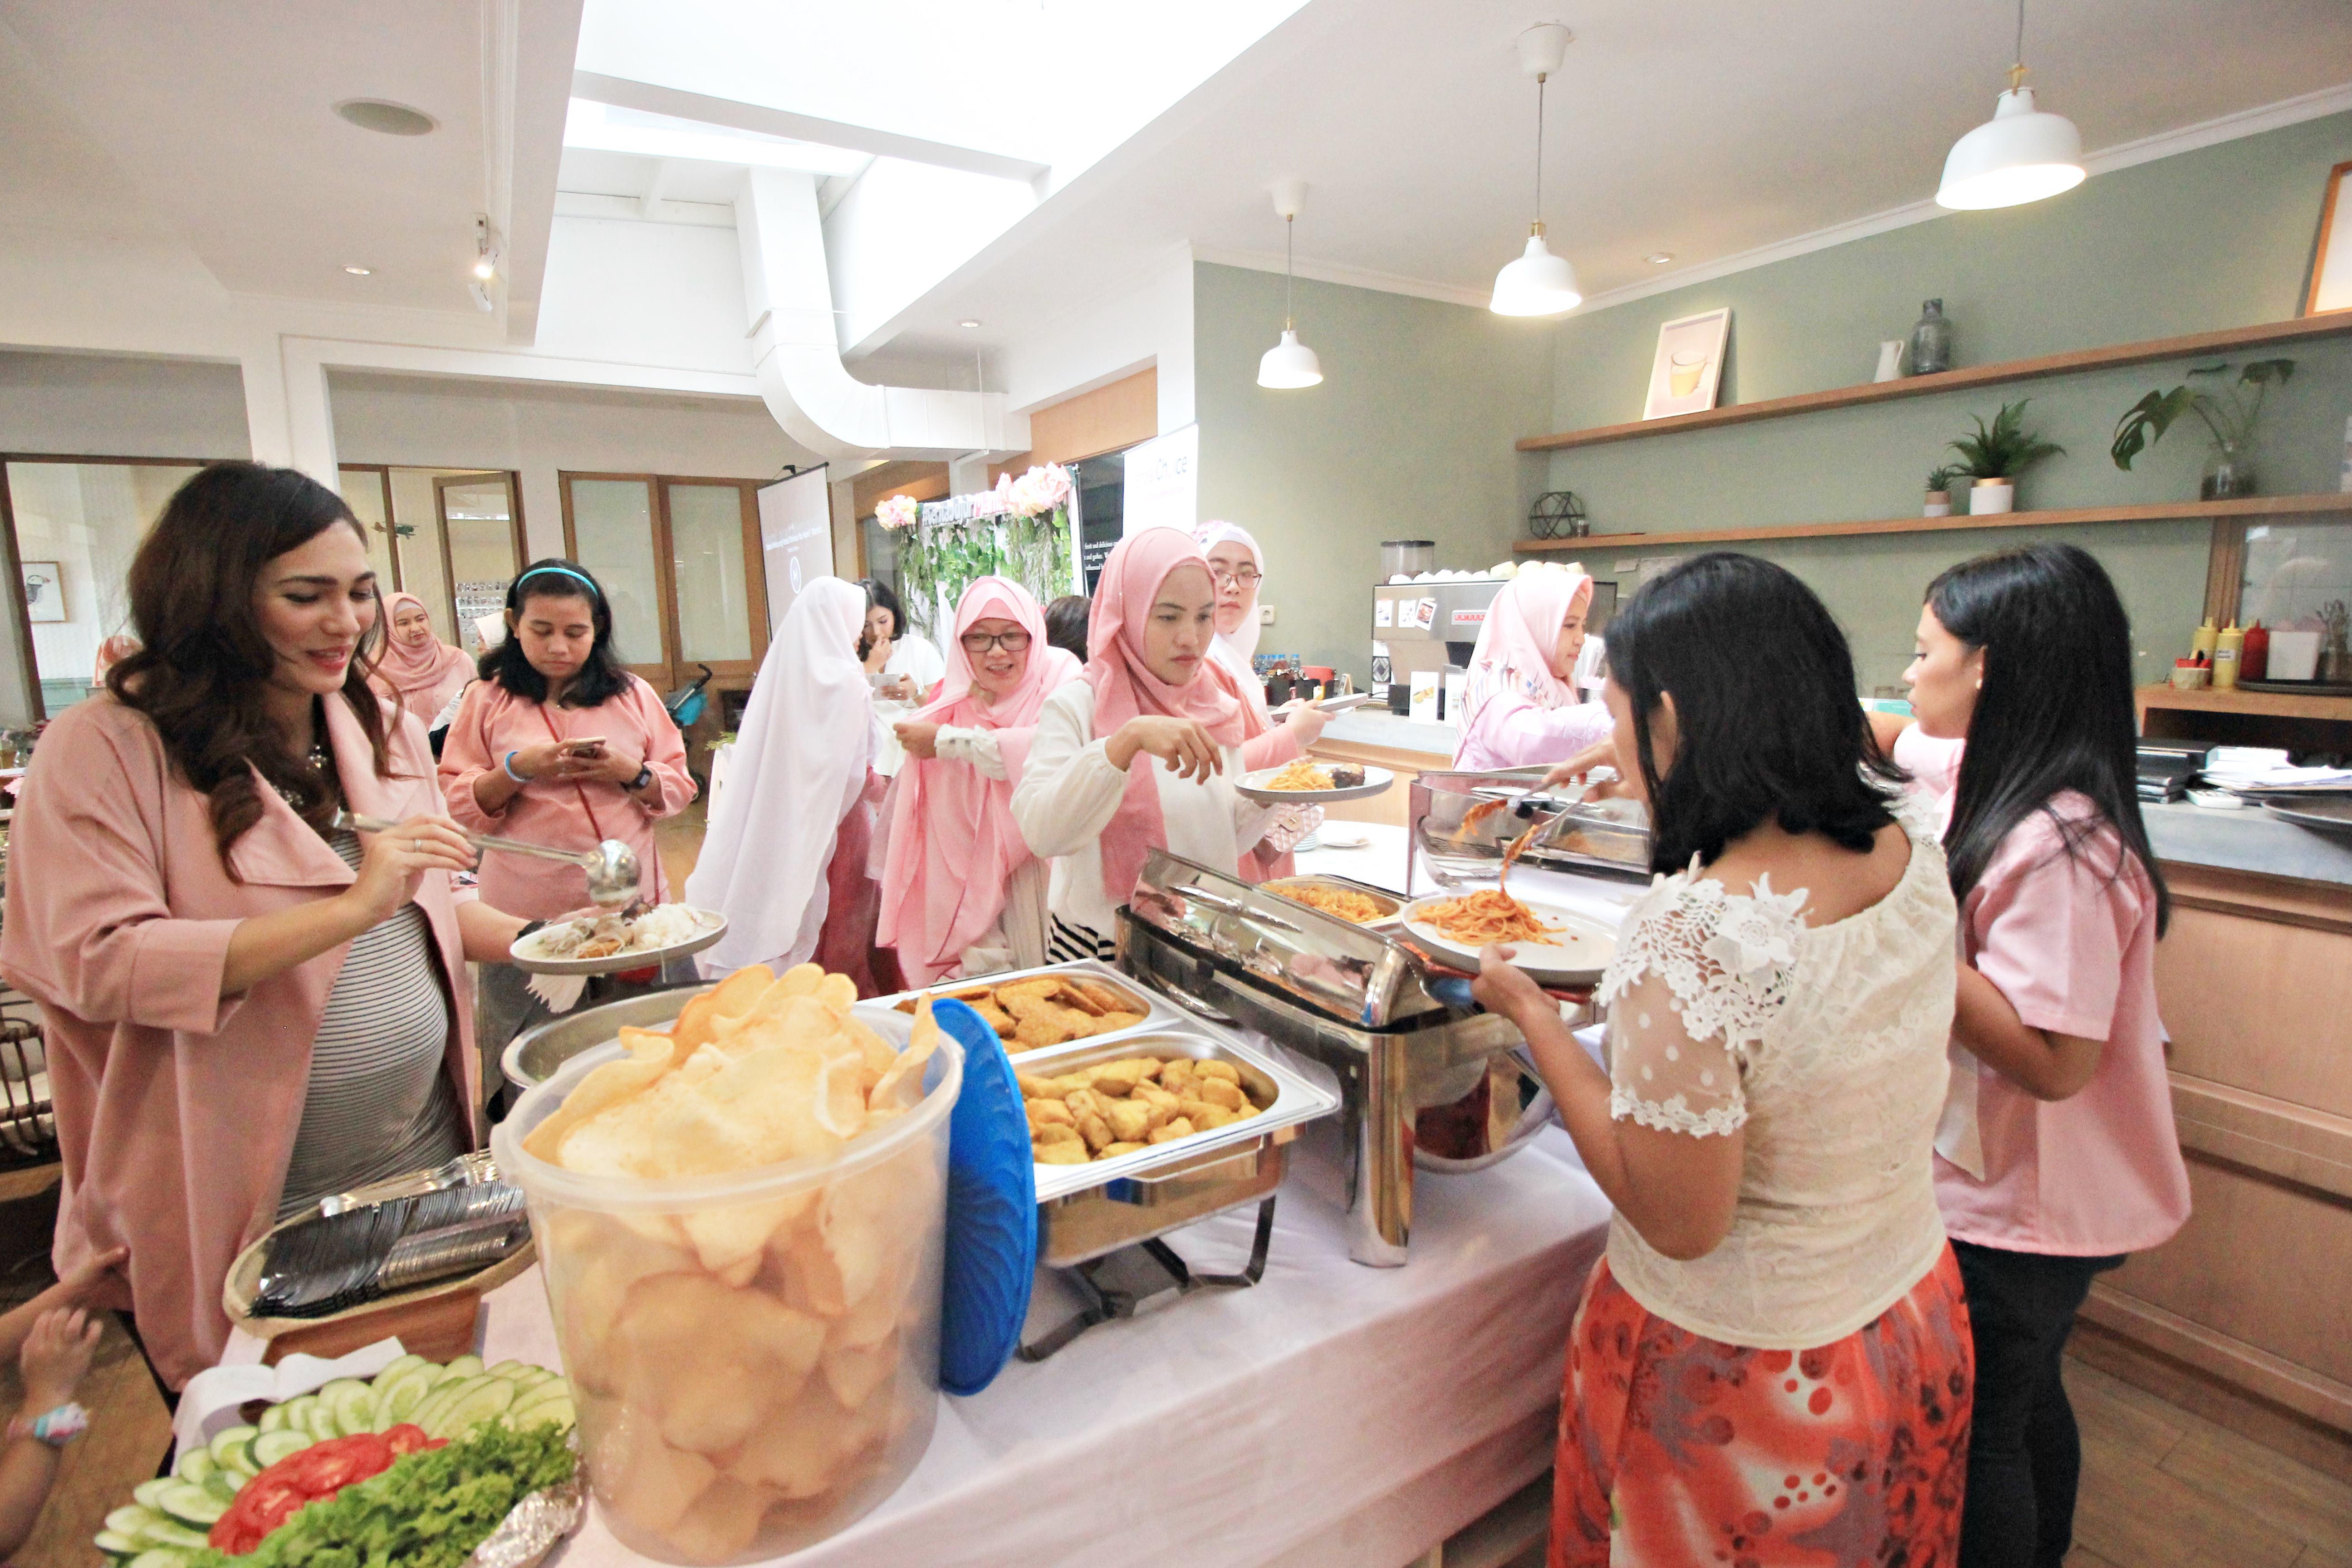 Ibu hamil makan bersama